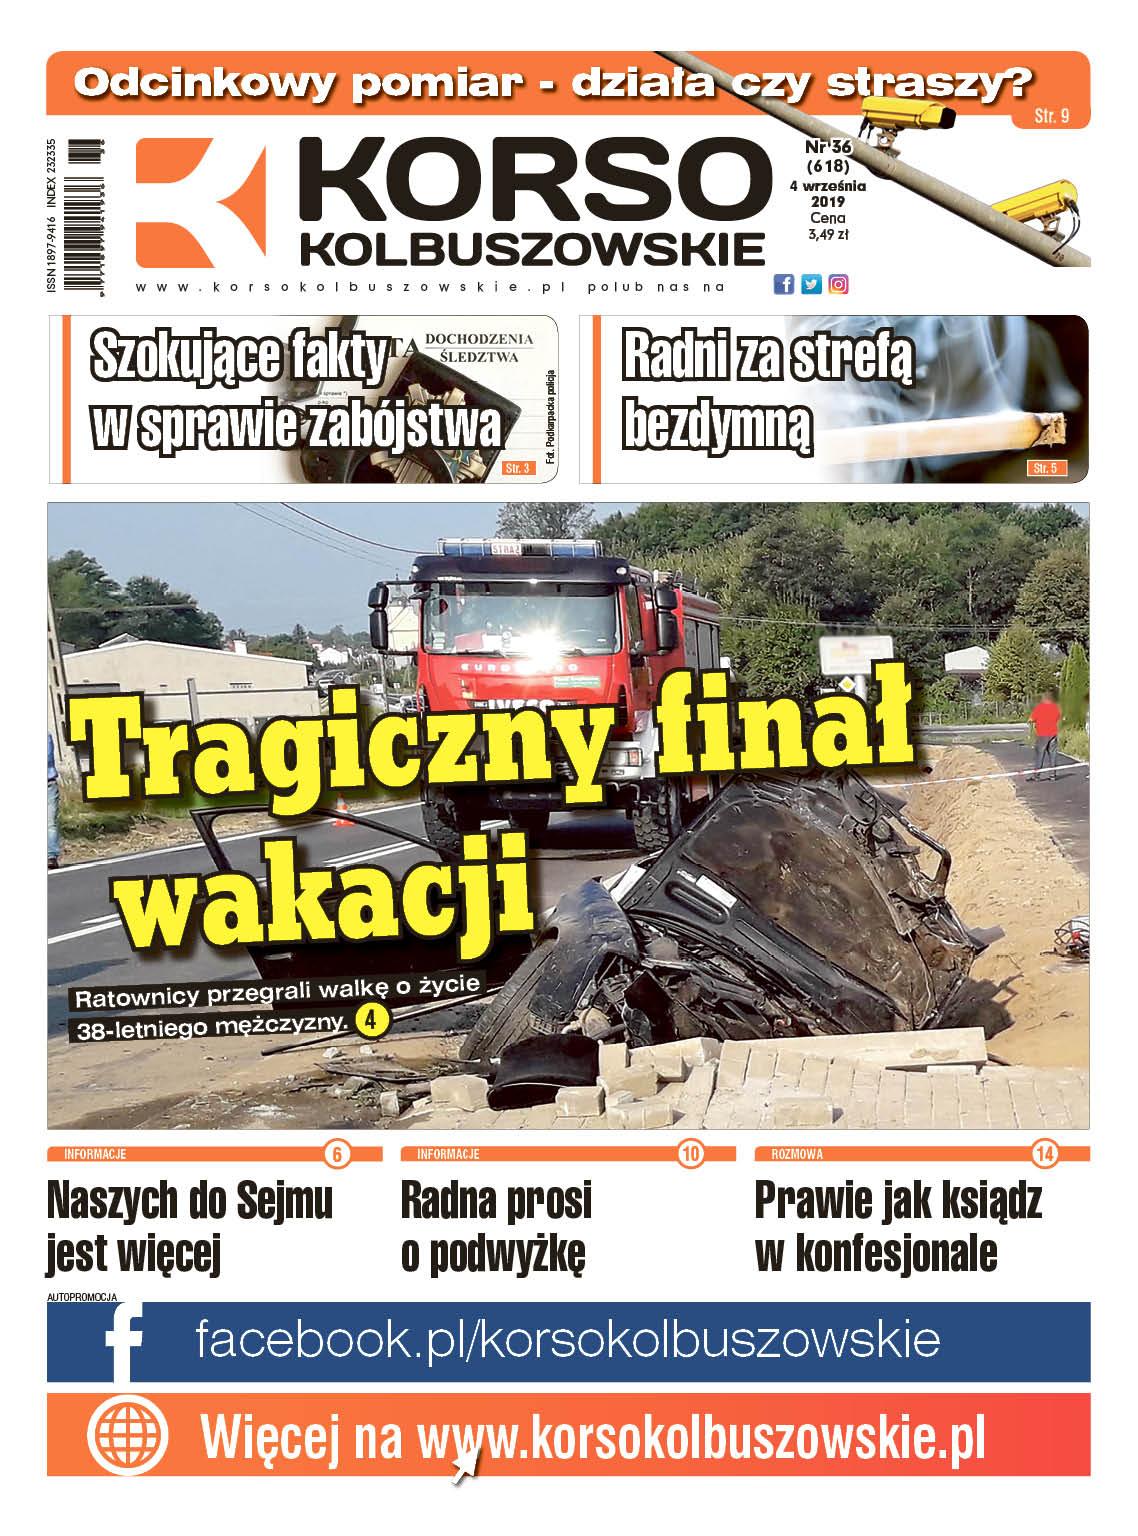 Nowy numer Korso Kolbuszowskie - nr 36/2019 - Zdjęcie główne